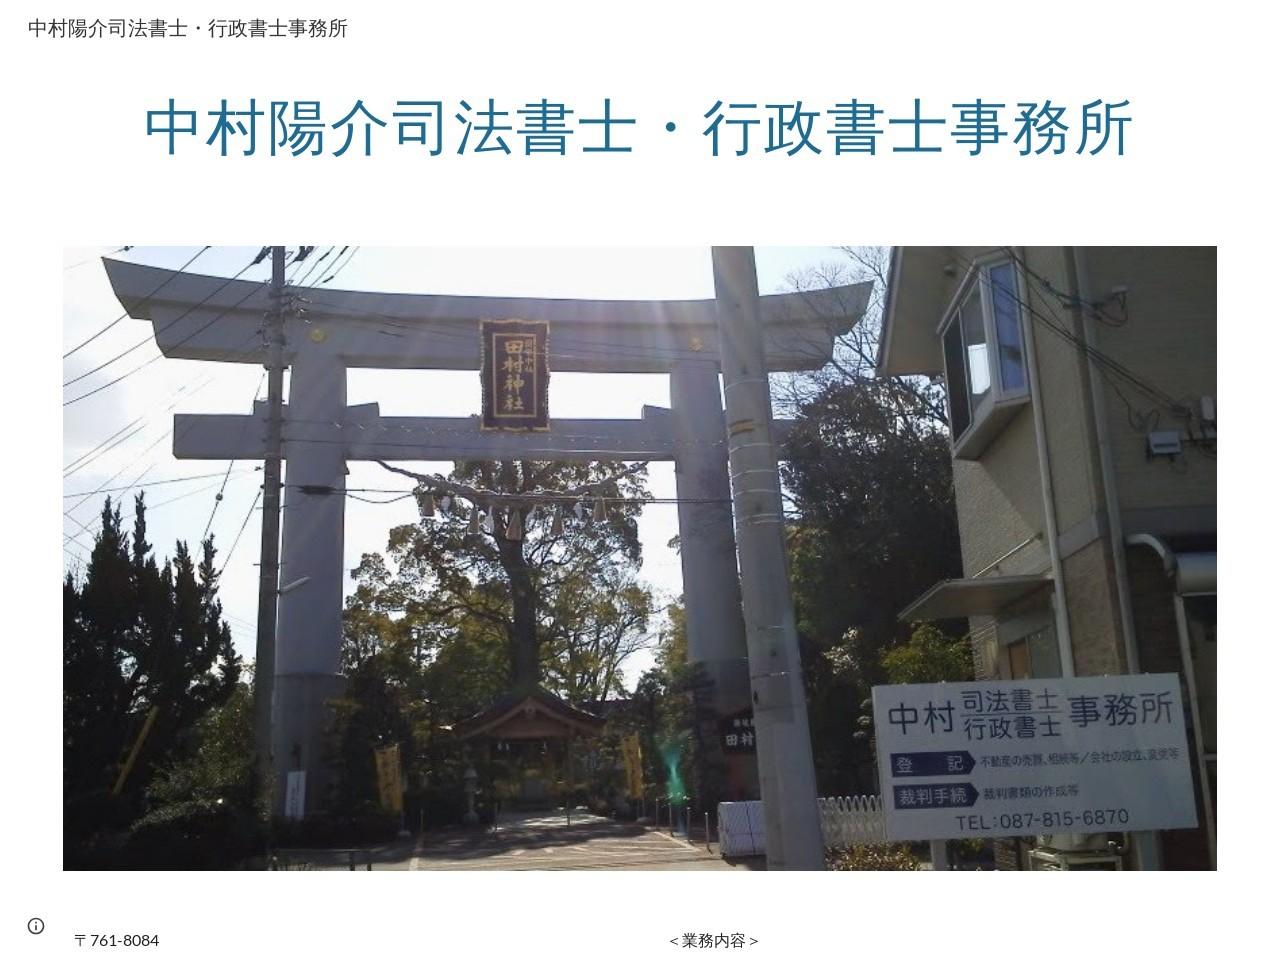 中村陽介司法書士事務所